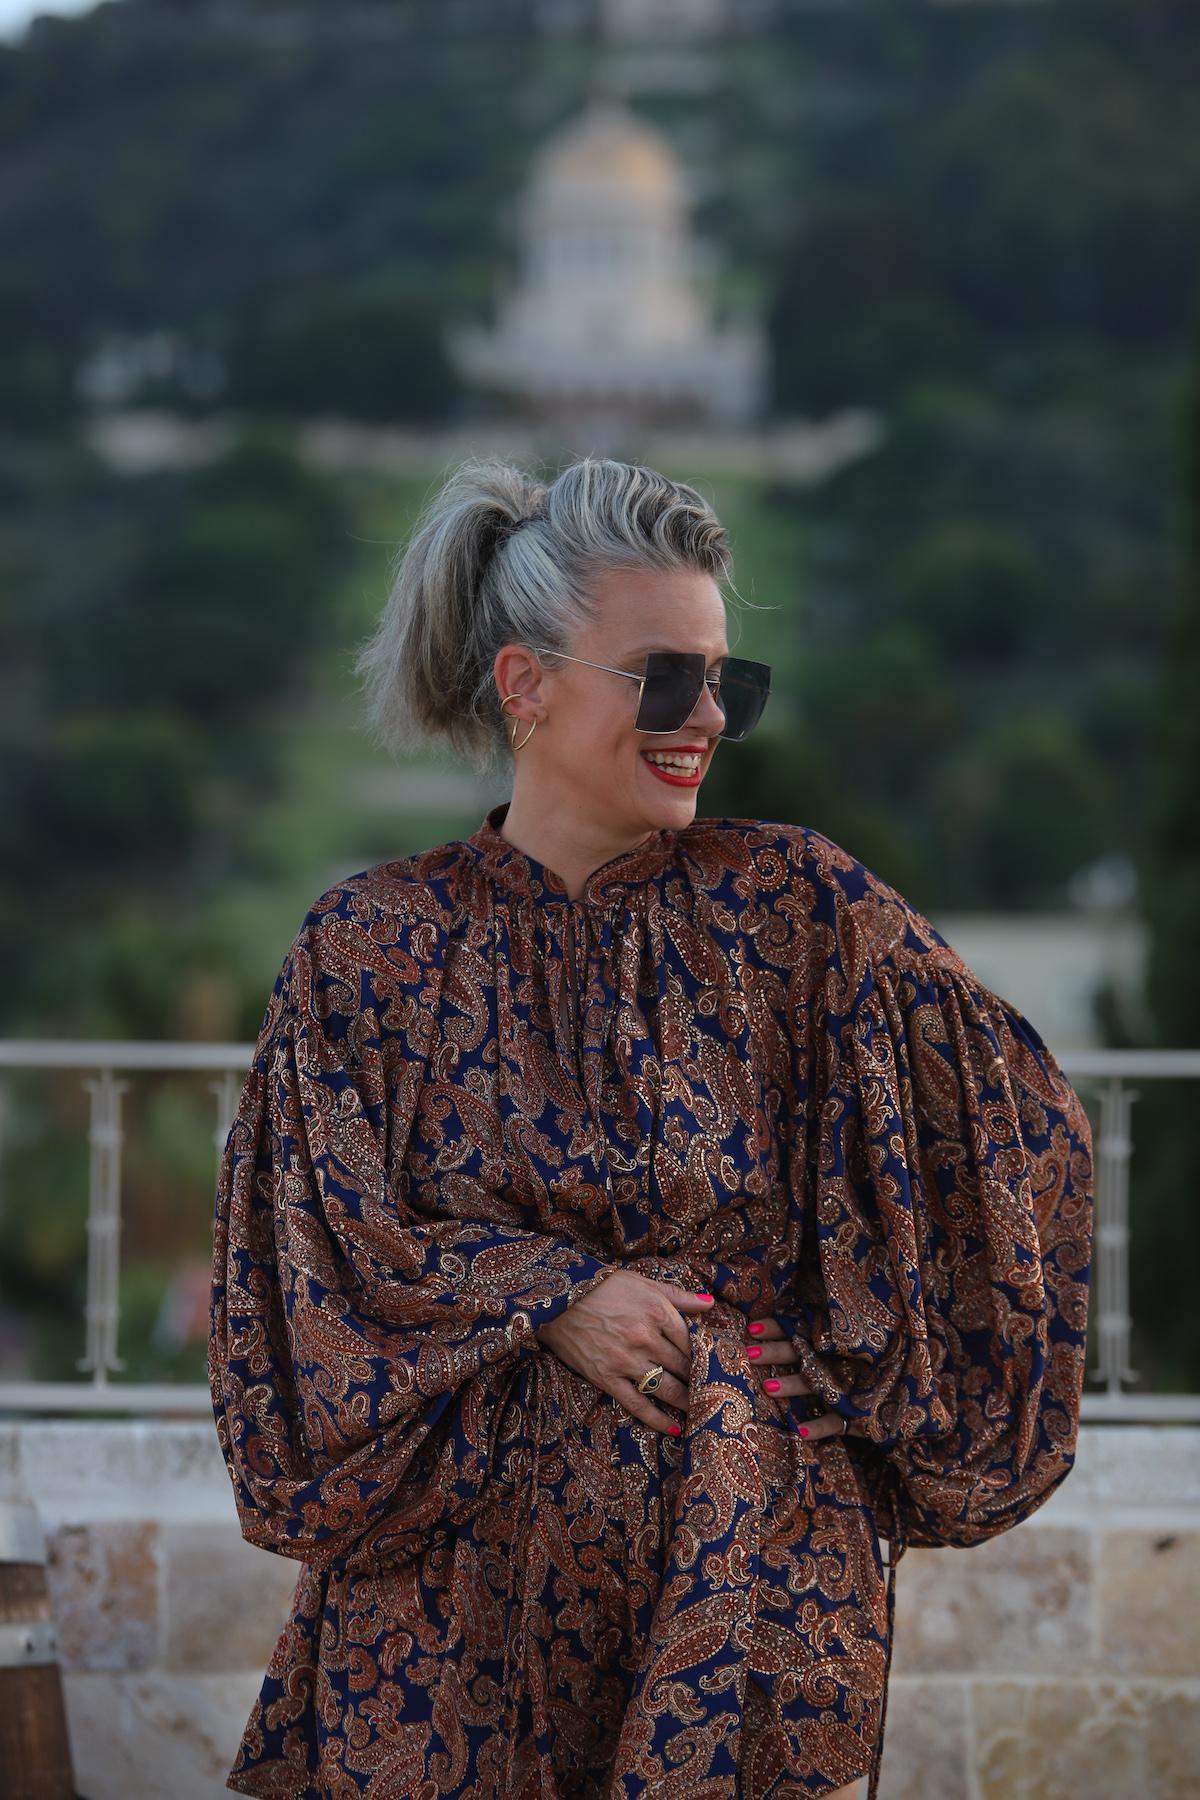 שירי ויצנר חיפאית לובשת אריאל טולדנו שמלת סולטנה עגילים רובי סטאר אתר מארק אופנה ישראלית14